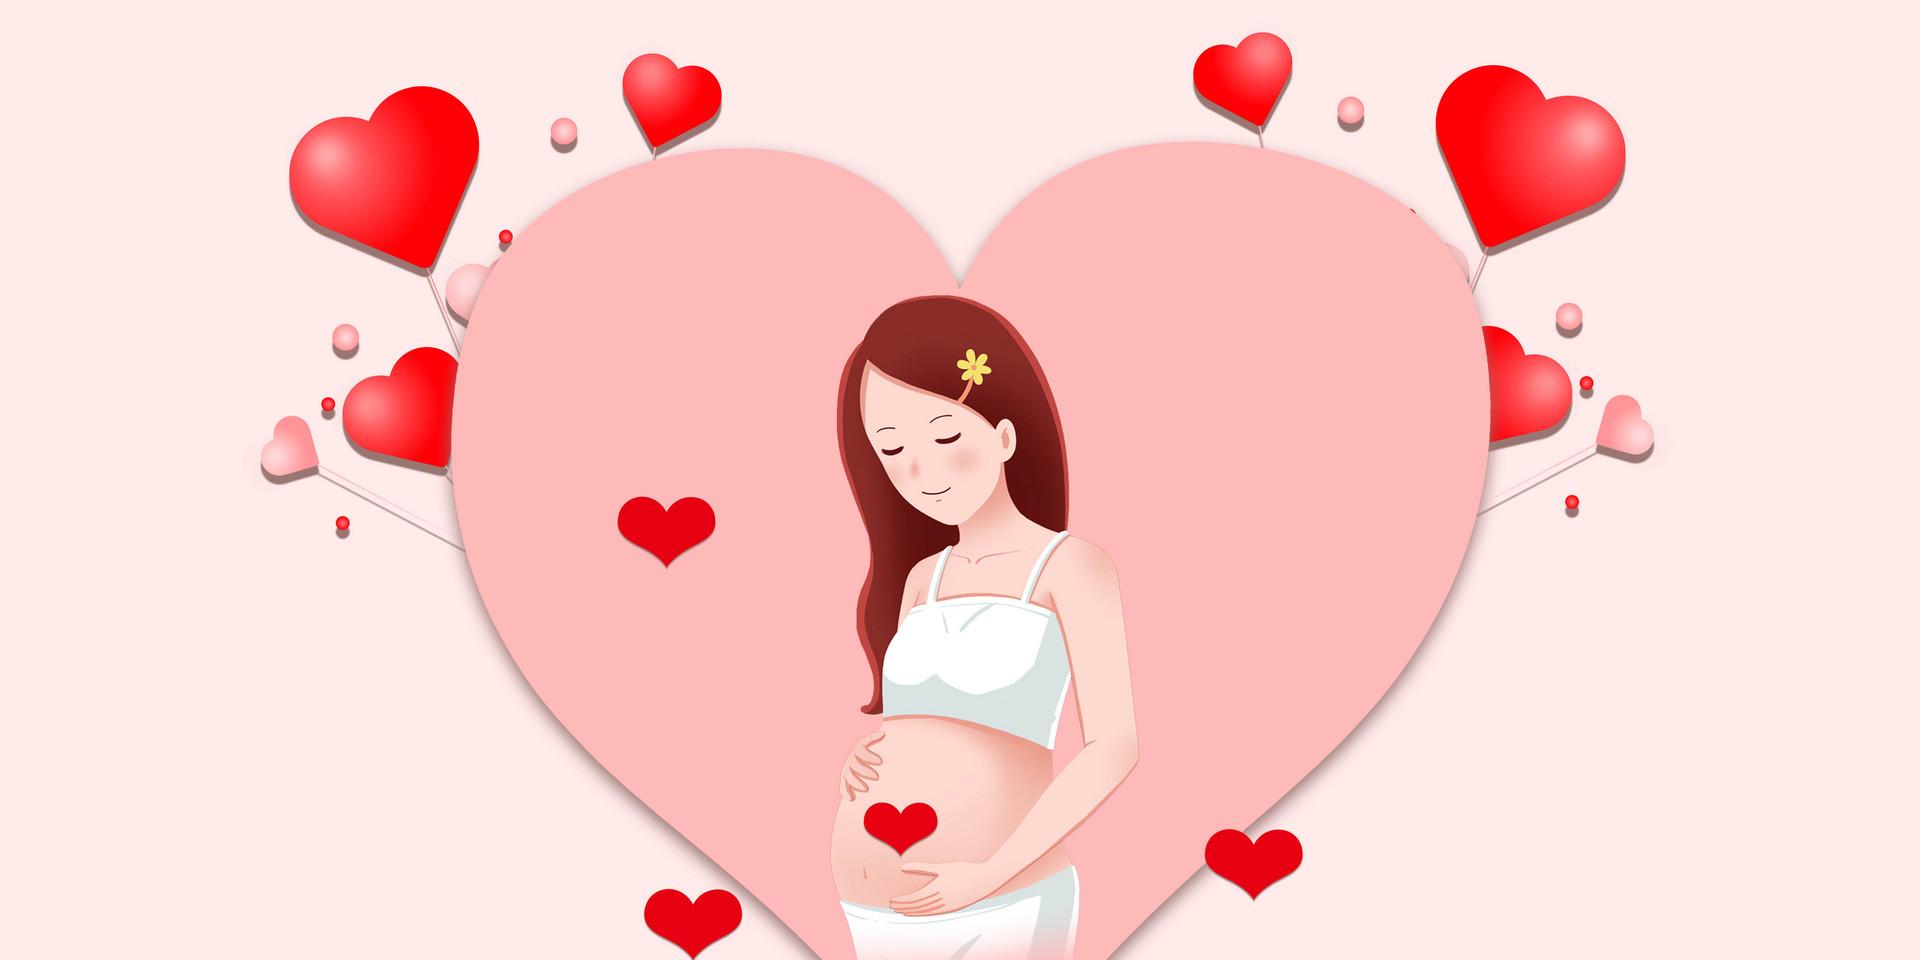 孕妇为什么要喝益生菌?